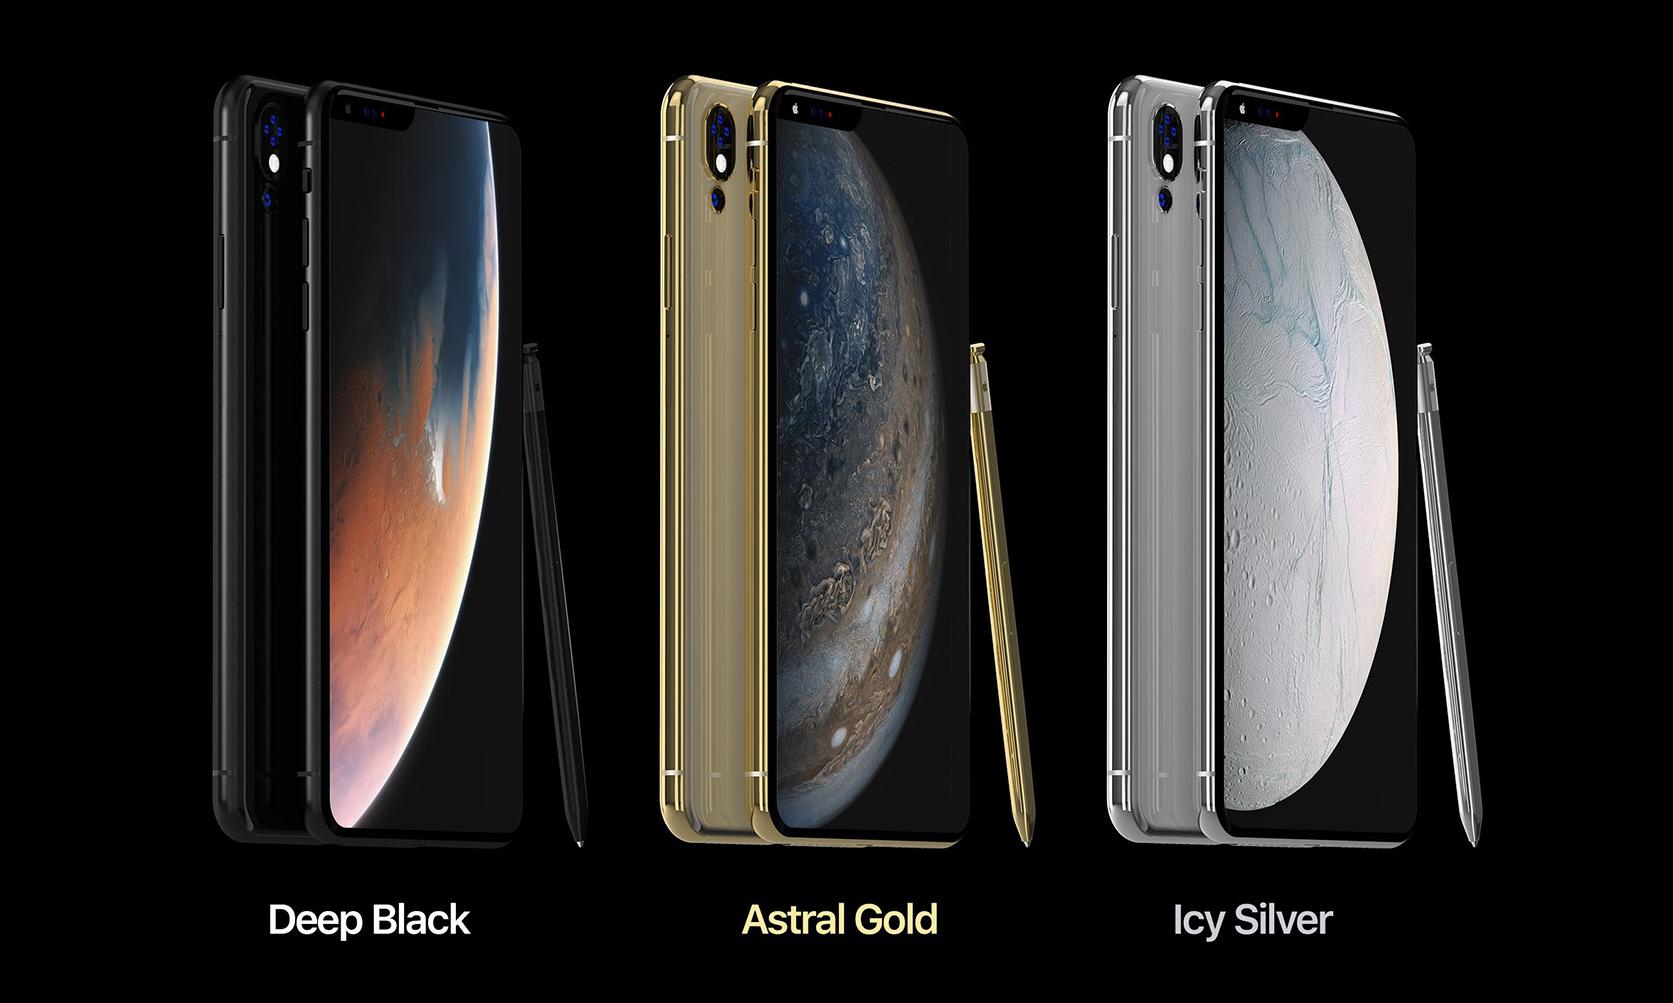 如果下一代苹果 iPhone 长这样…